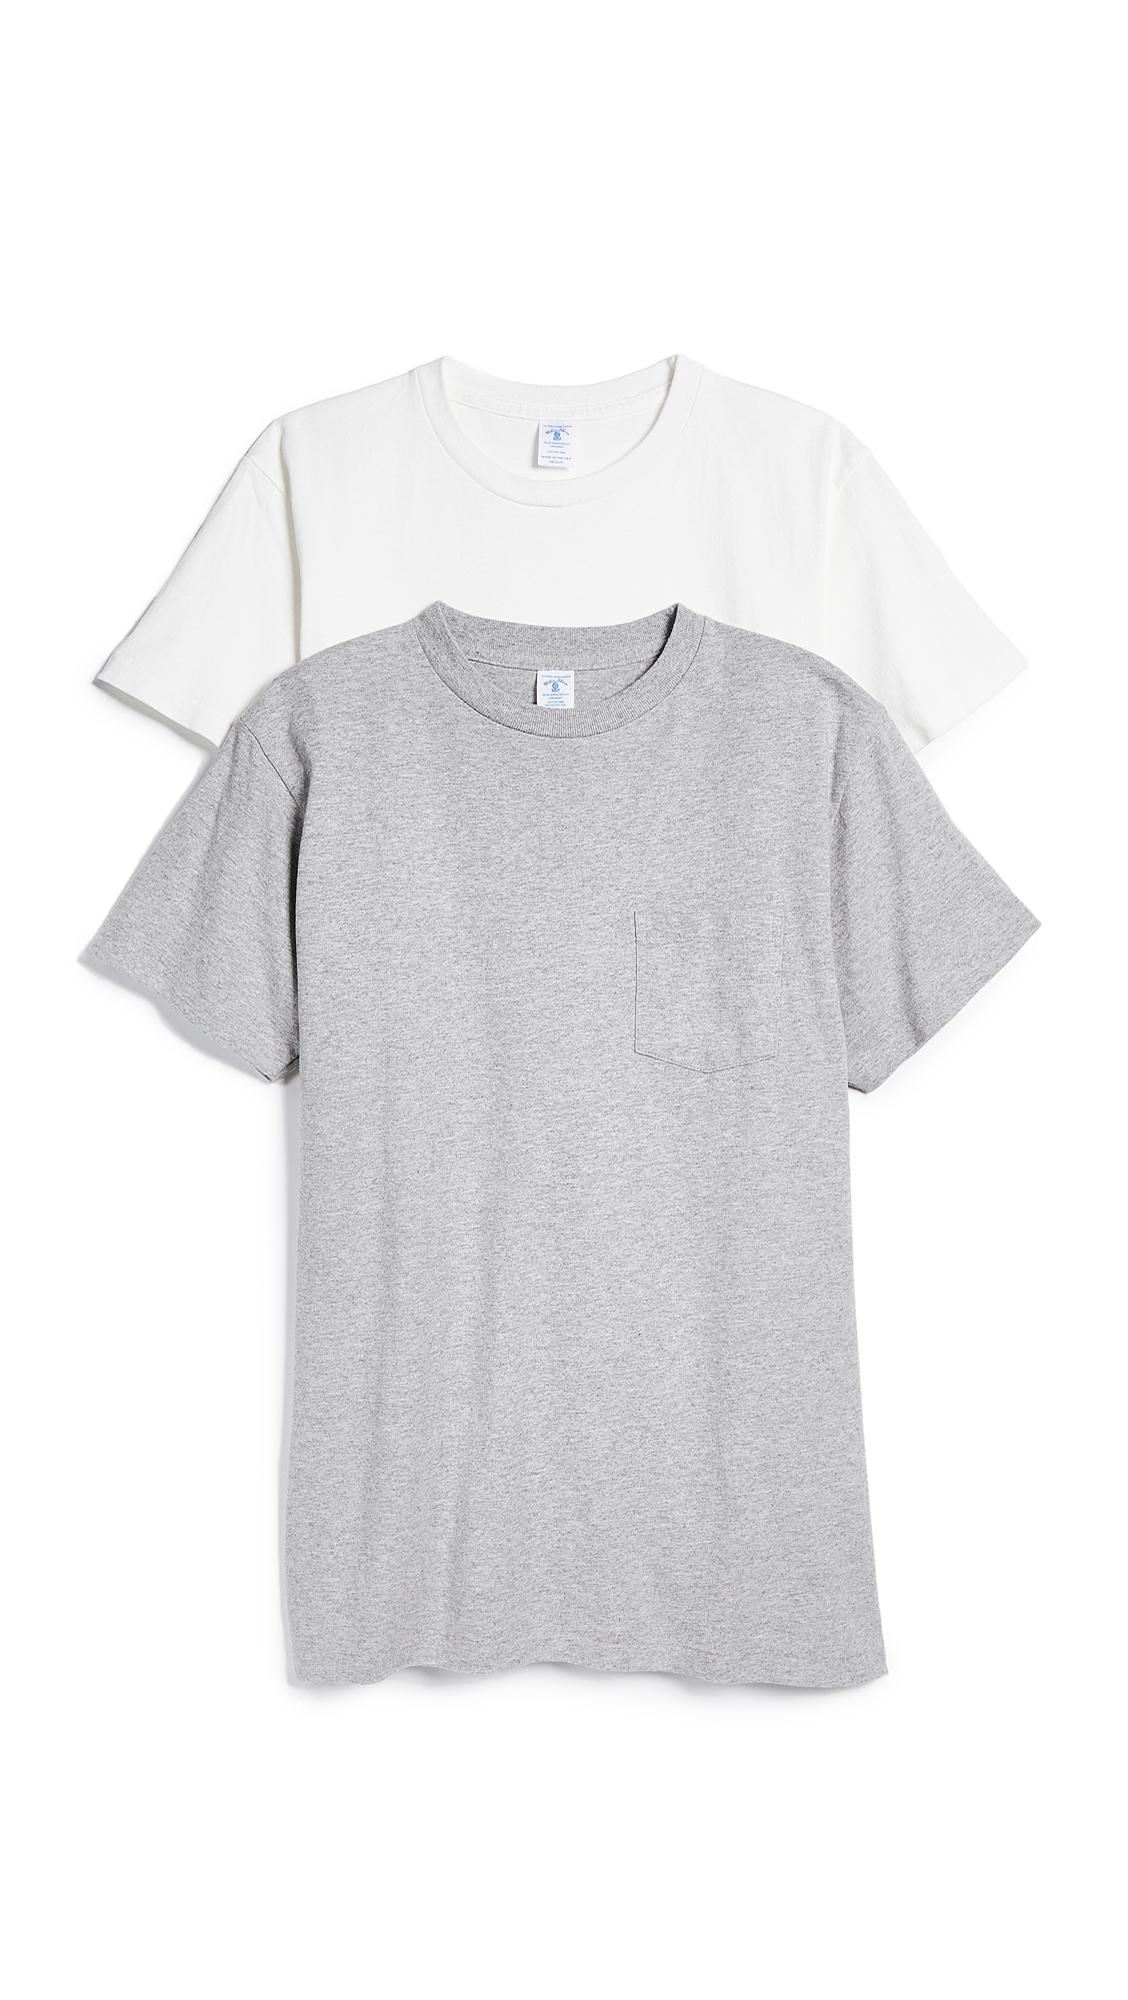 VELVA SHEEN 2 Pack Short Sleeve Pocket Tee in White/Heather Grey